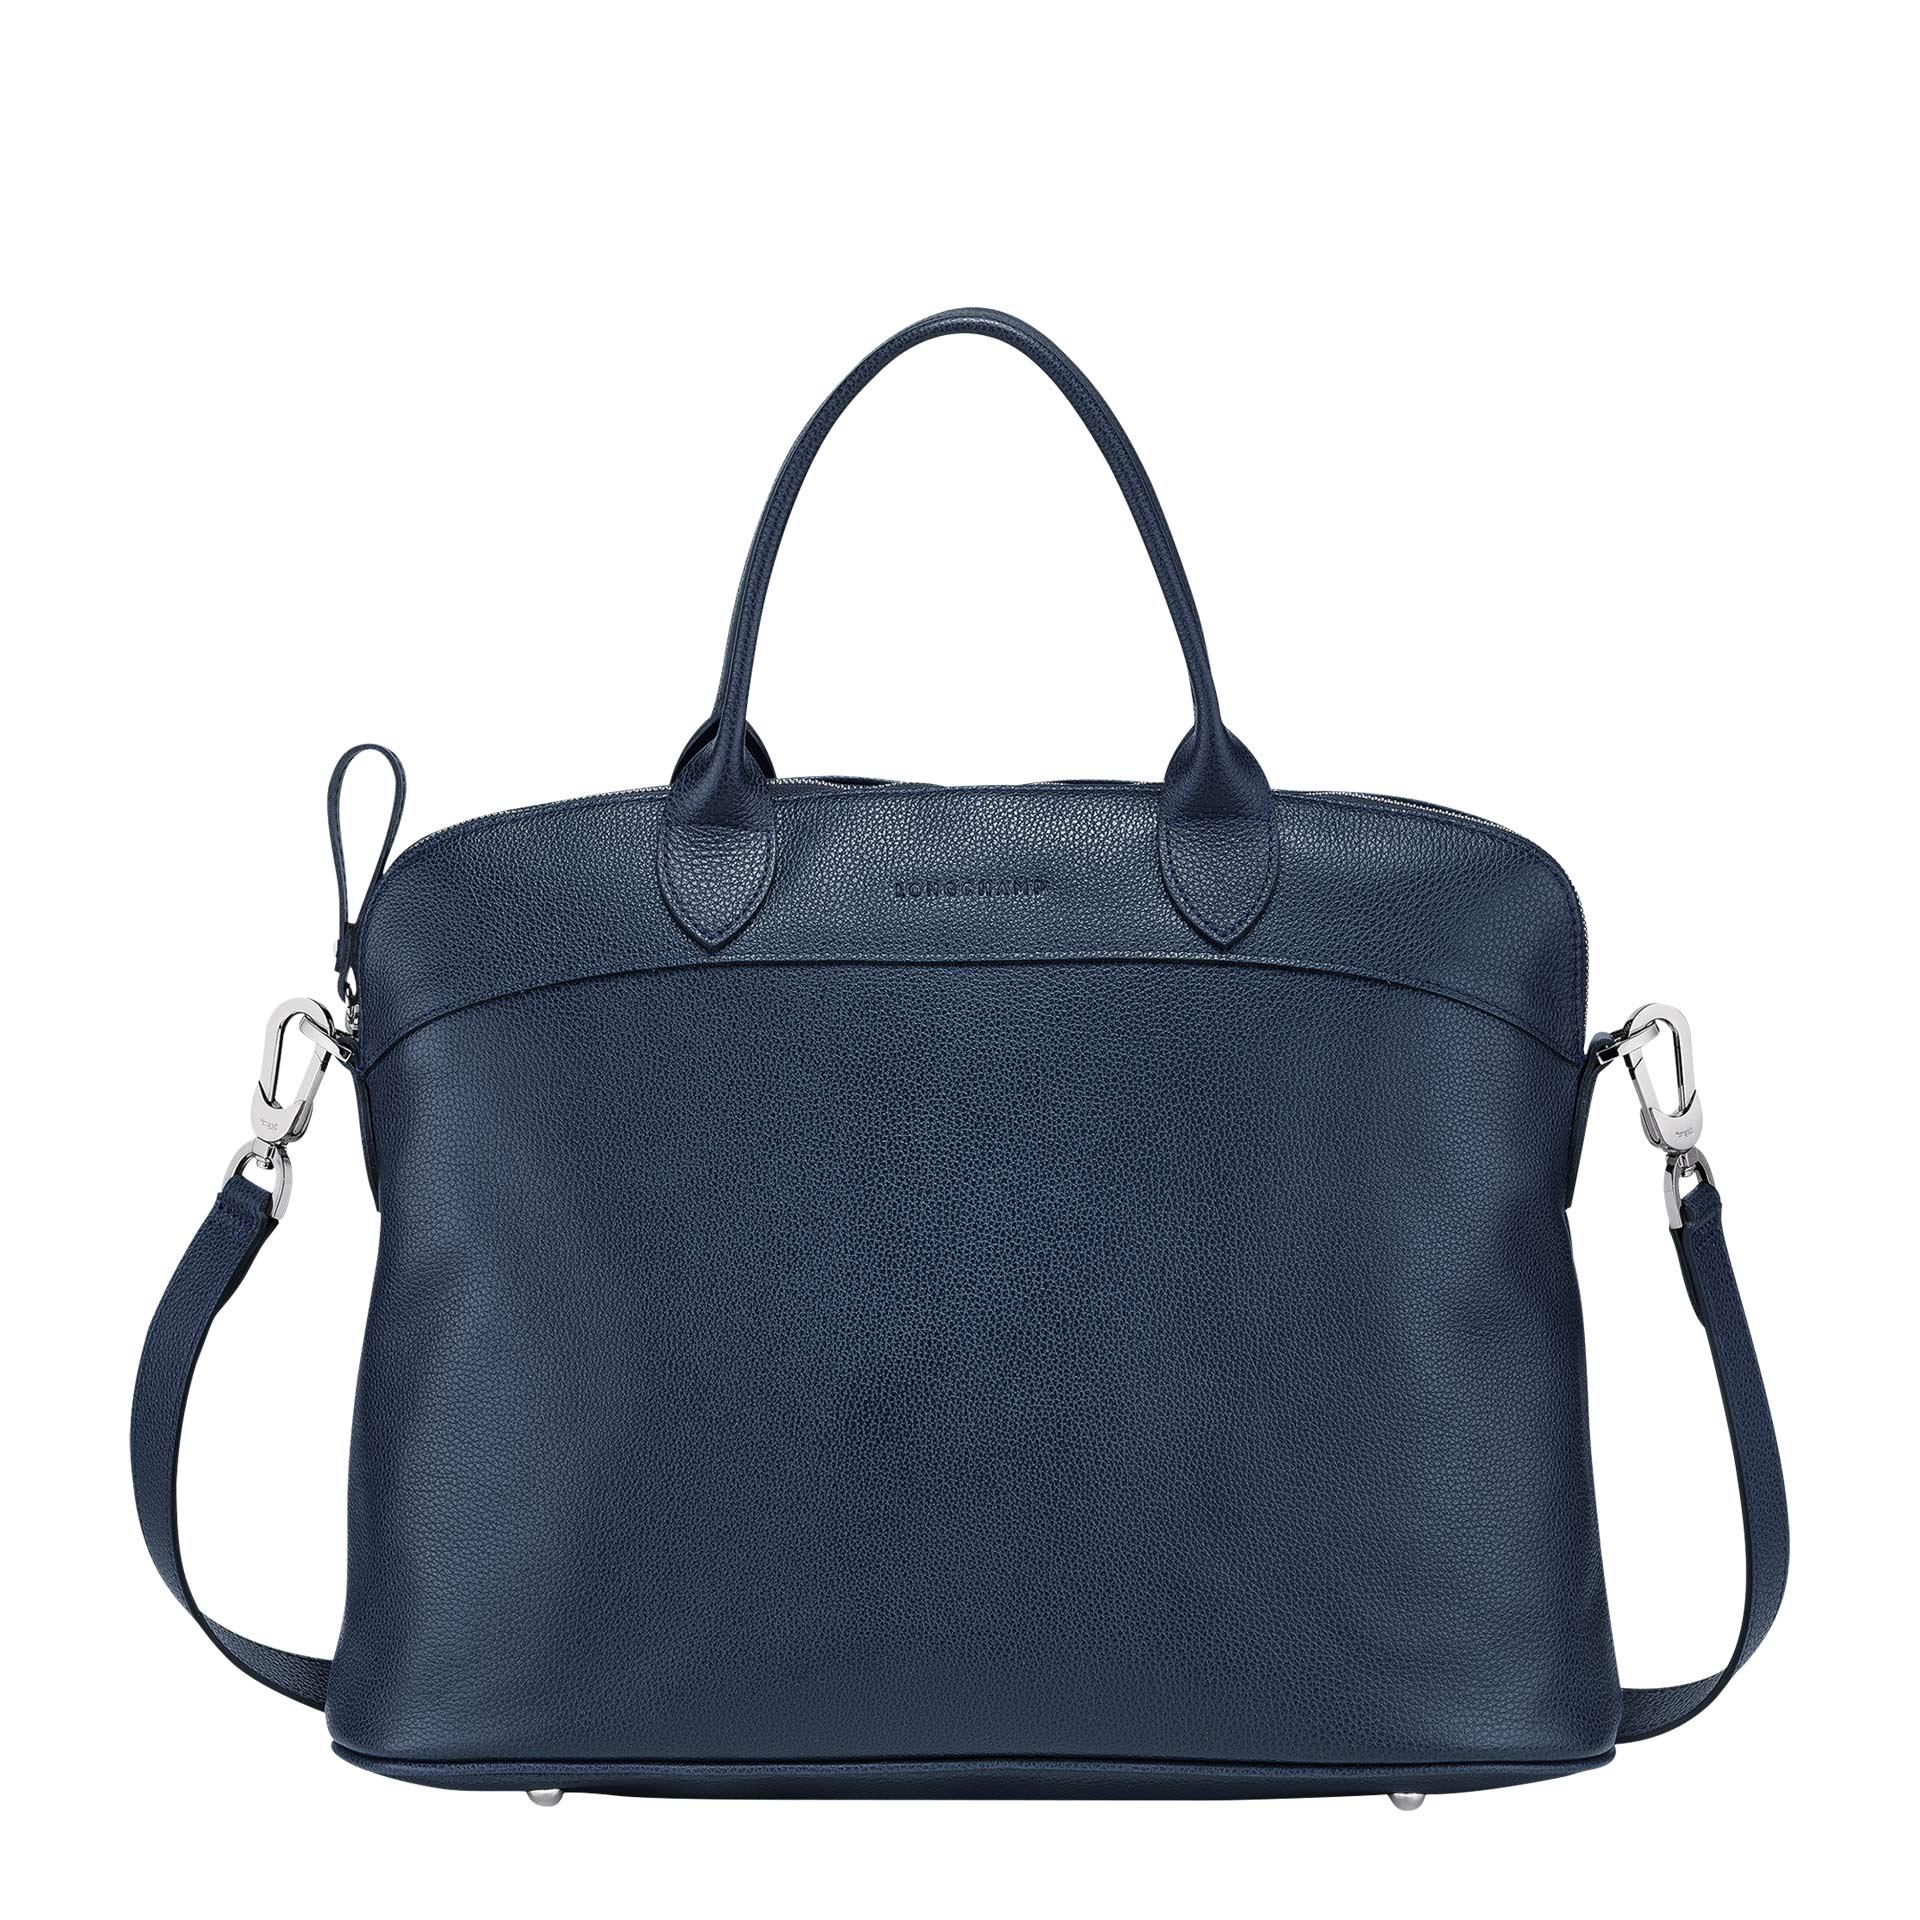 Longchamp Le Foulonné Handtasche M navy